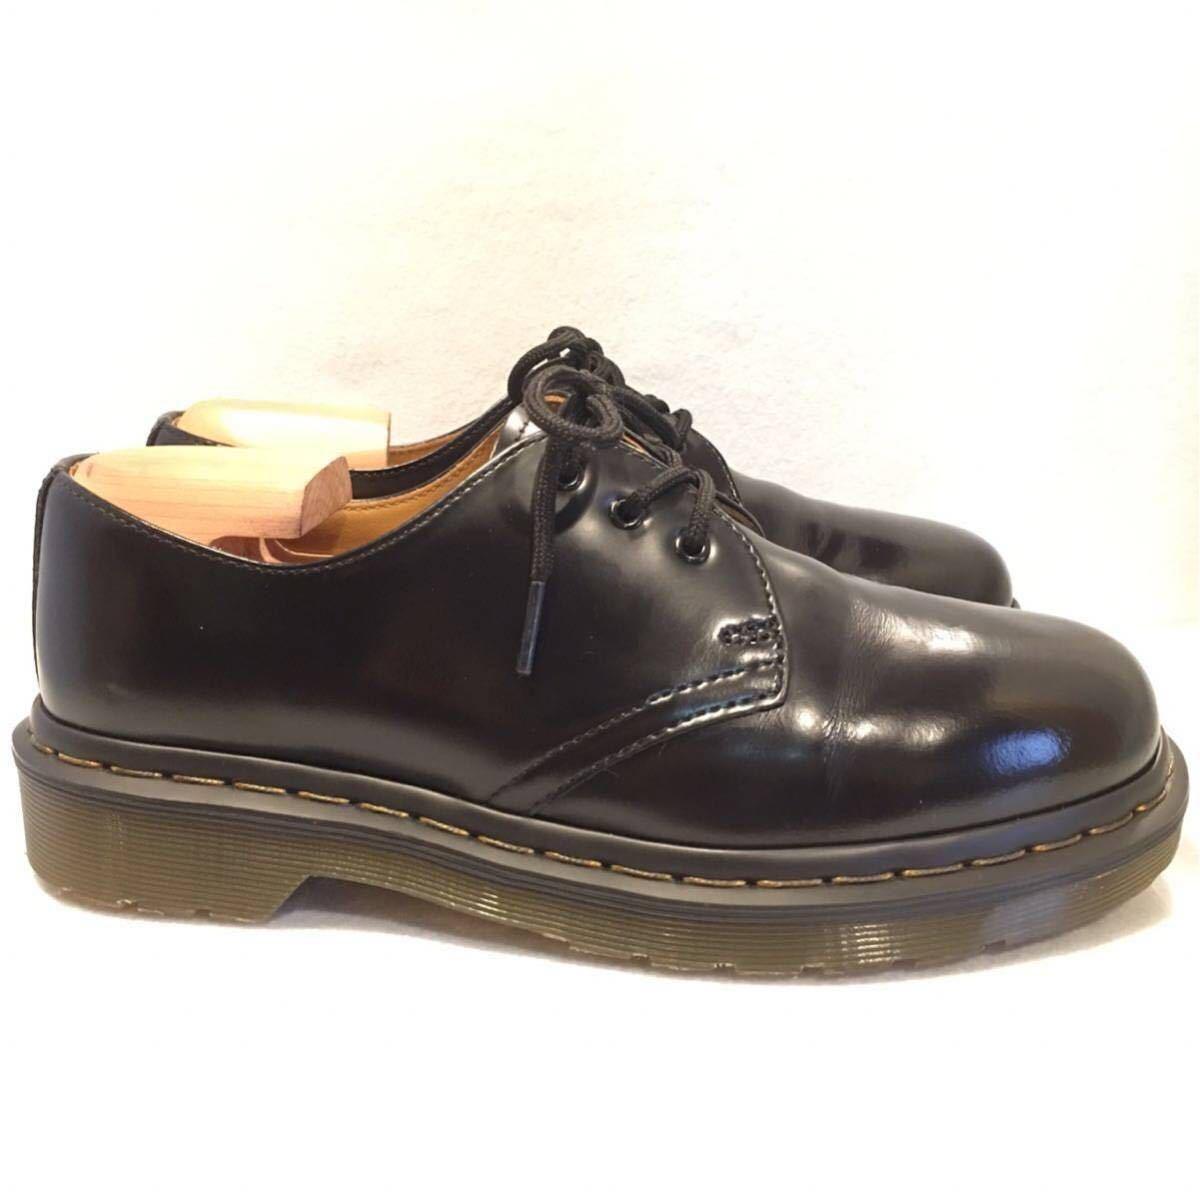 ★Dr.Martens ドクターマーチン 3ホール★UK5(24.0cm)★黒 ブラック★革靴 レザーシューズ★_画像5